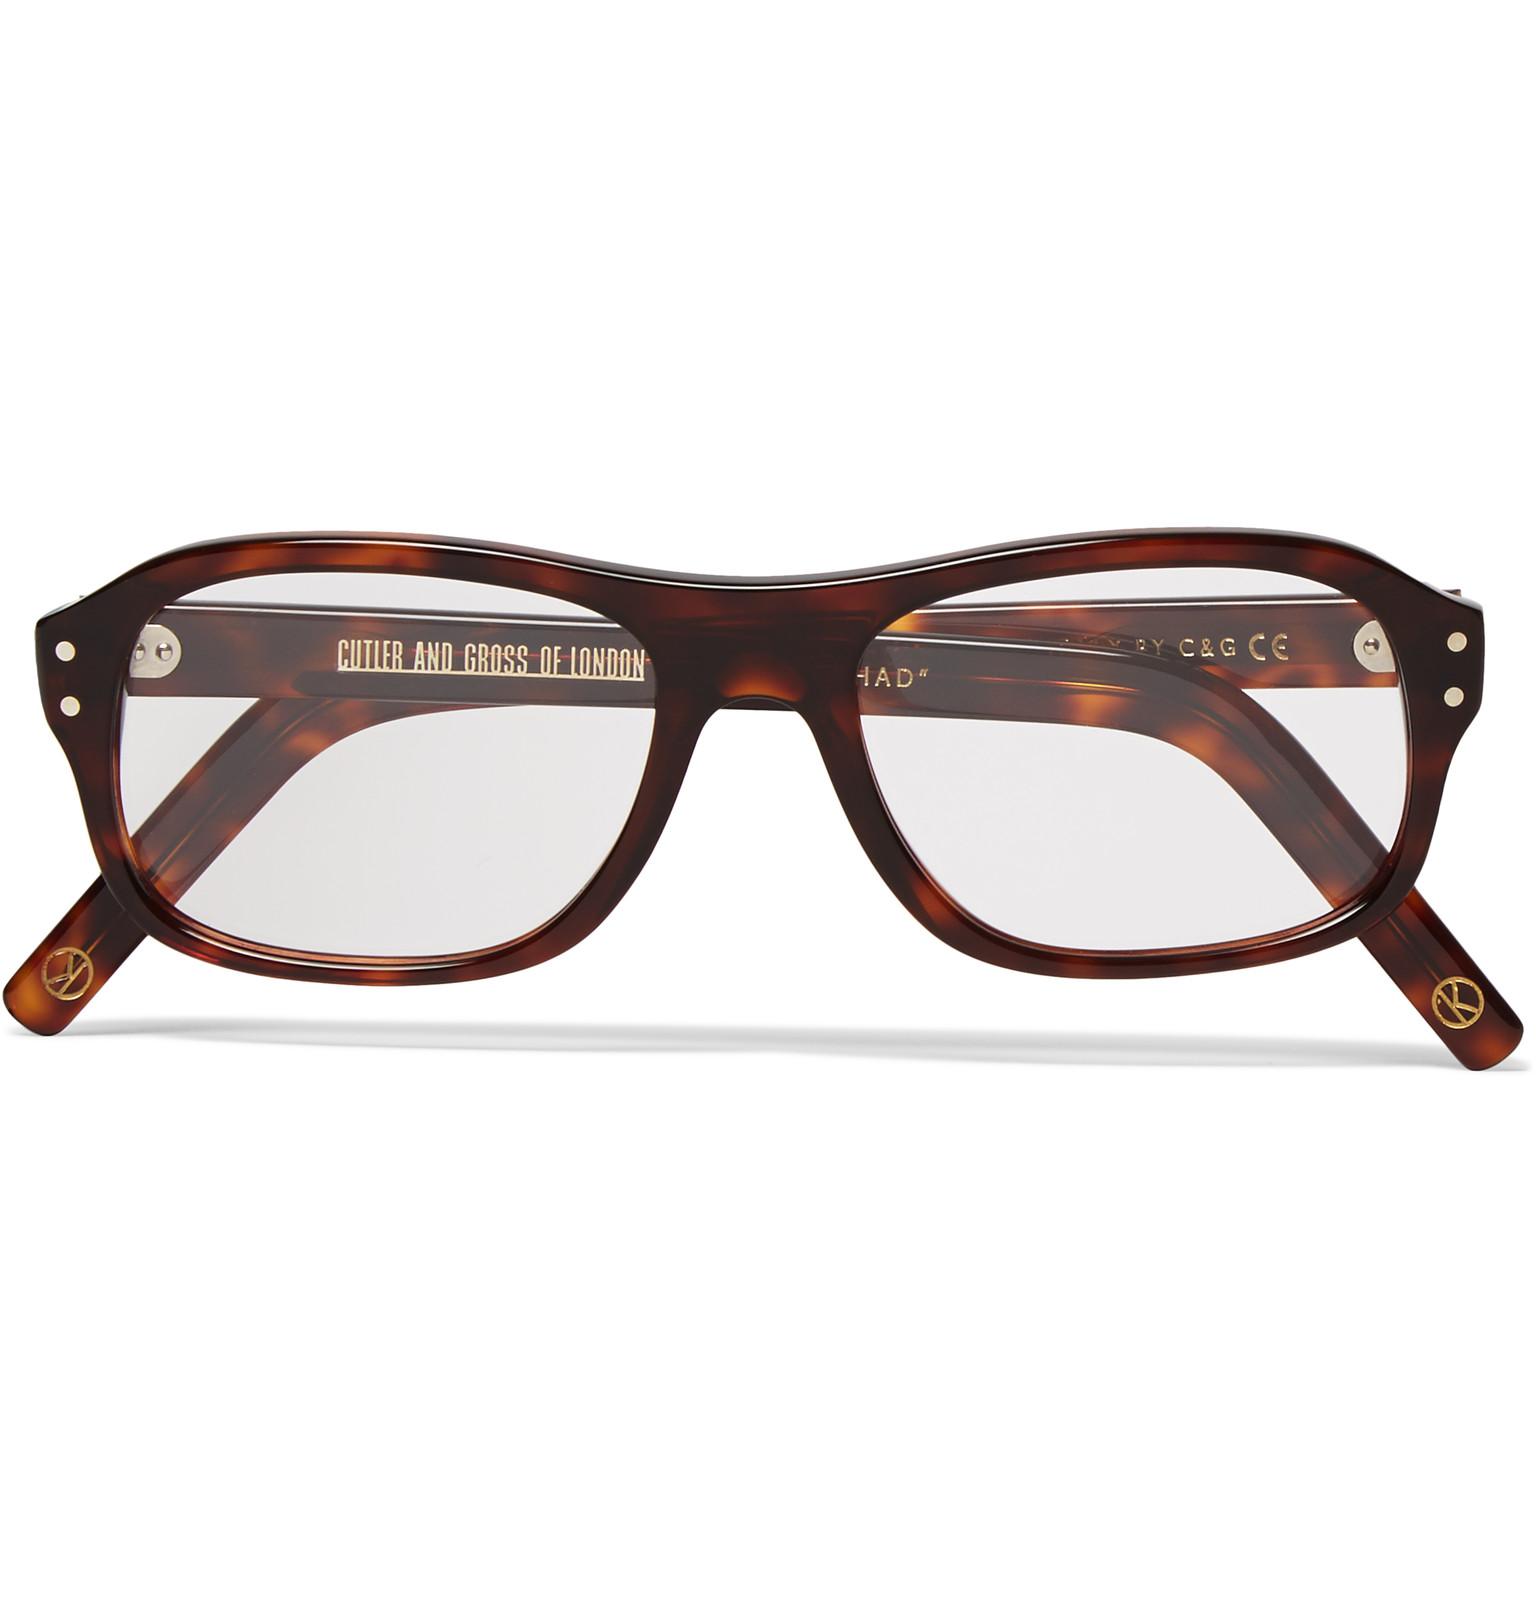 Cutler Gross Glasses